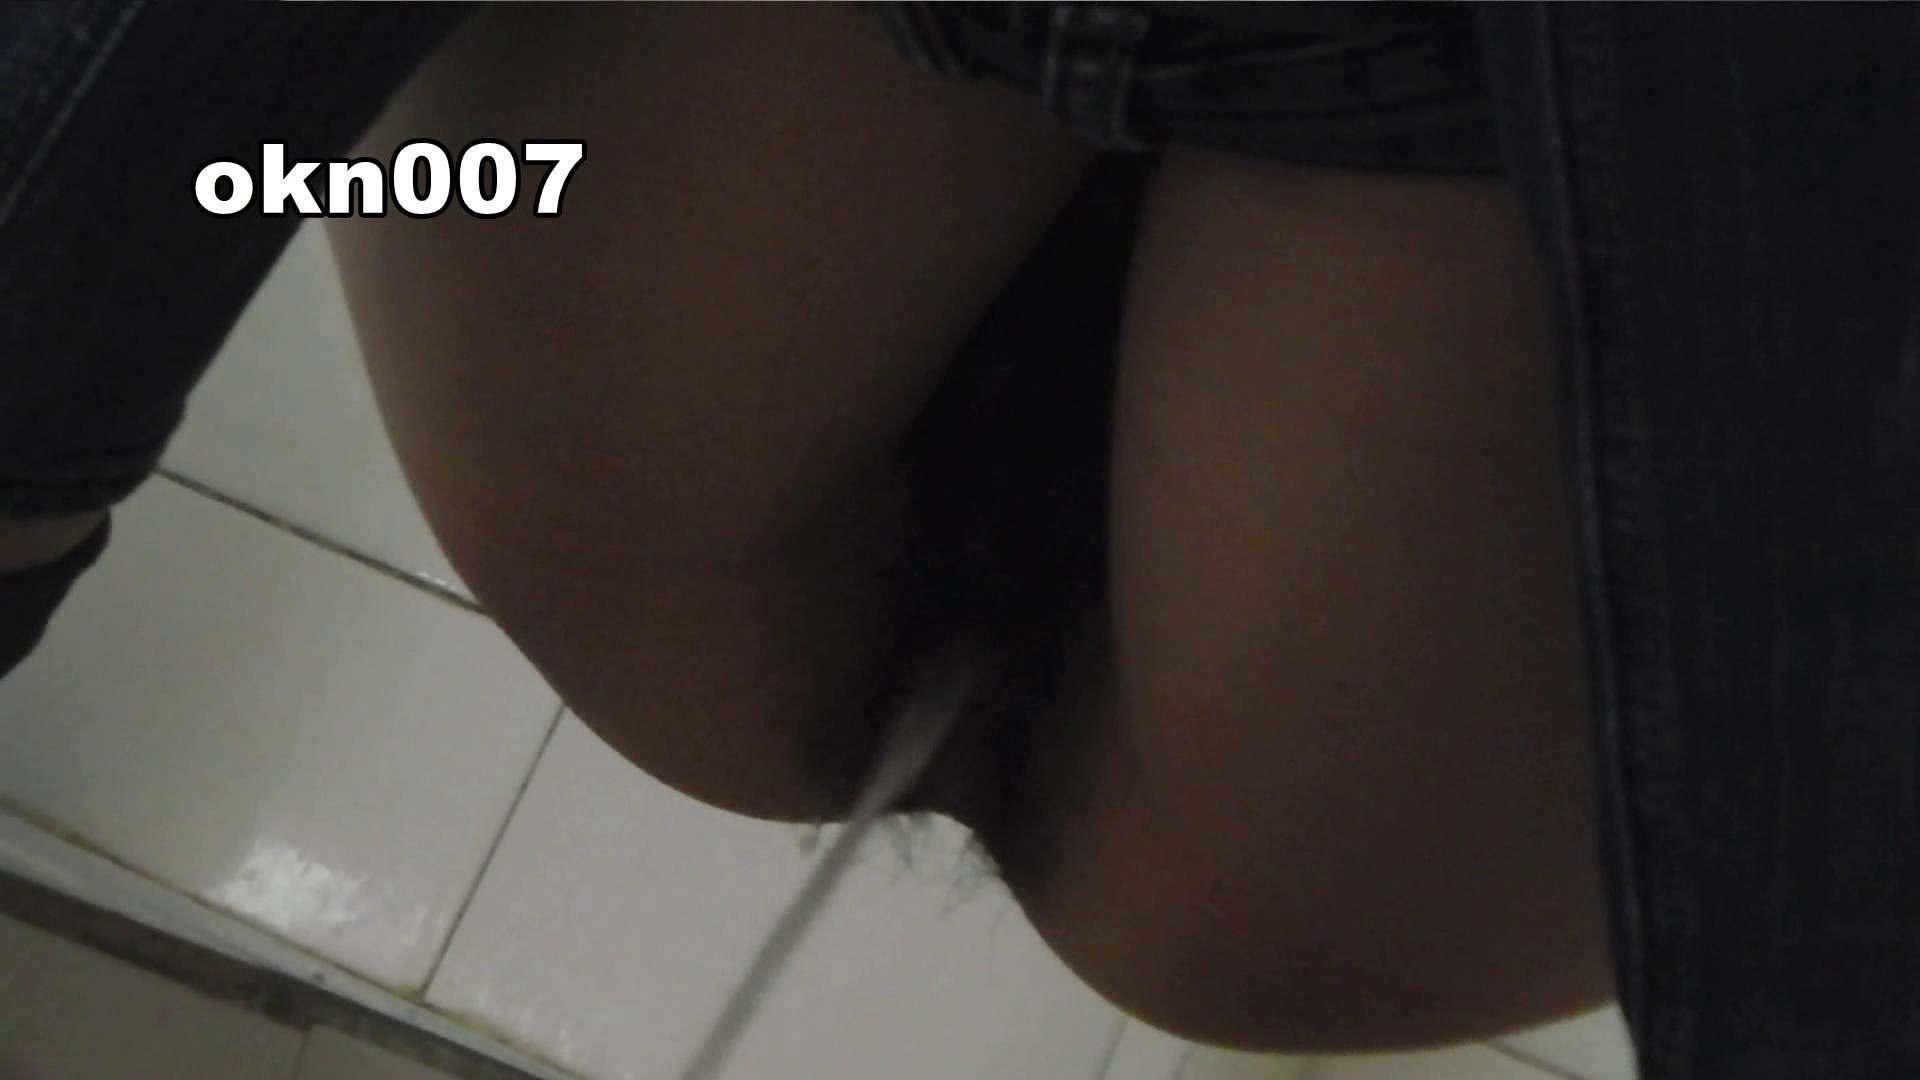 下からノゾム vol.007 クパッと広げて叩いてブルッ! 洗面所  57PIX 3